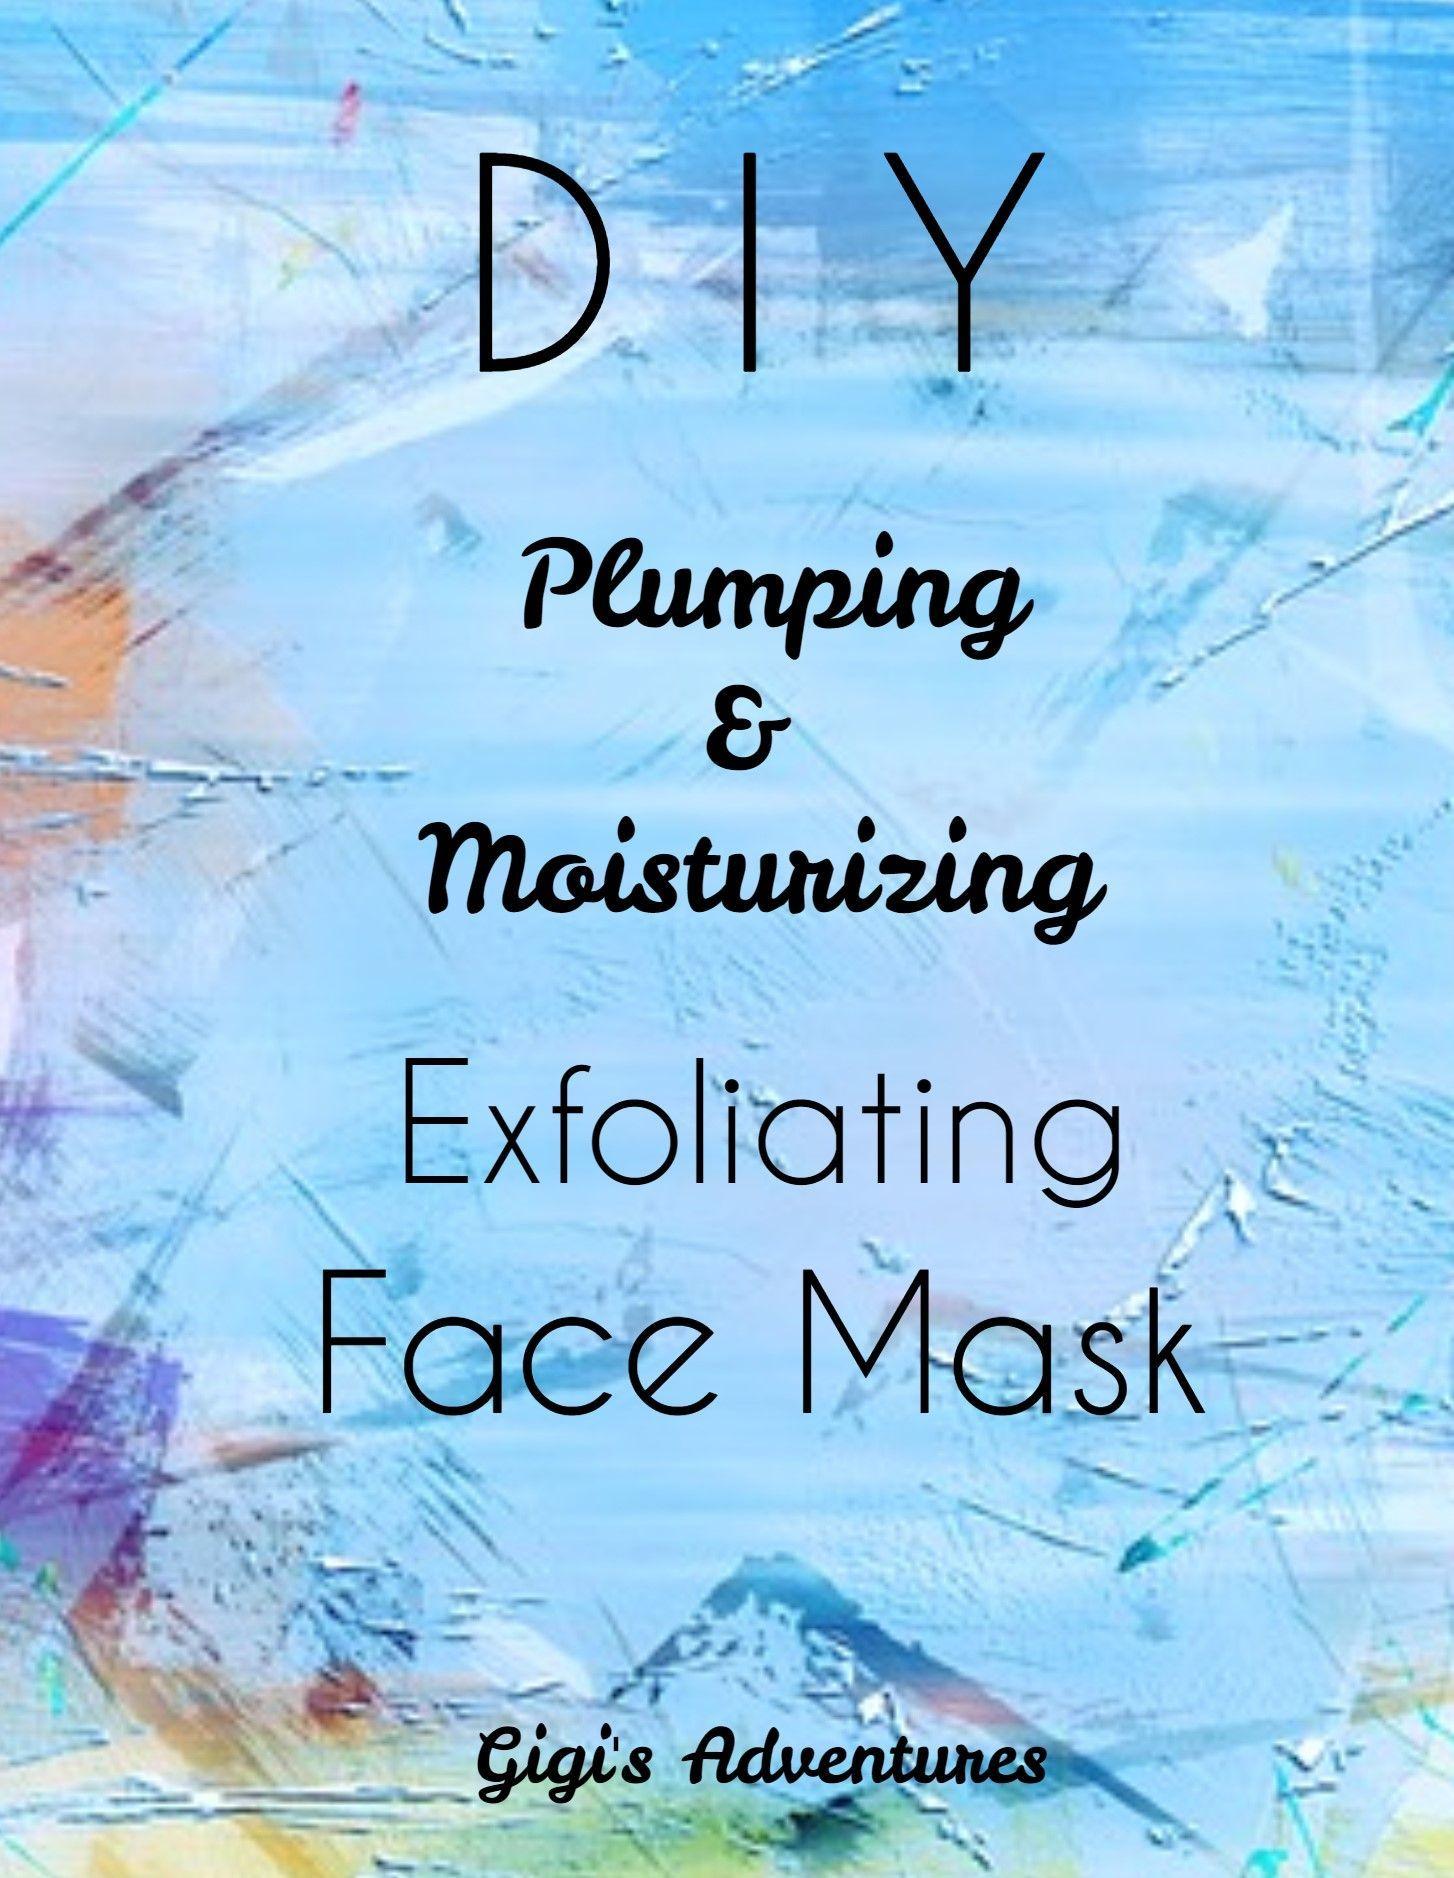 Exfoliating face mask plumping and moisturizing